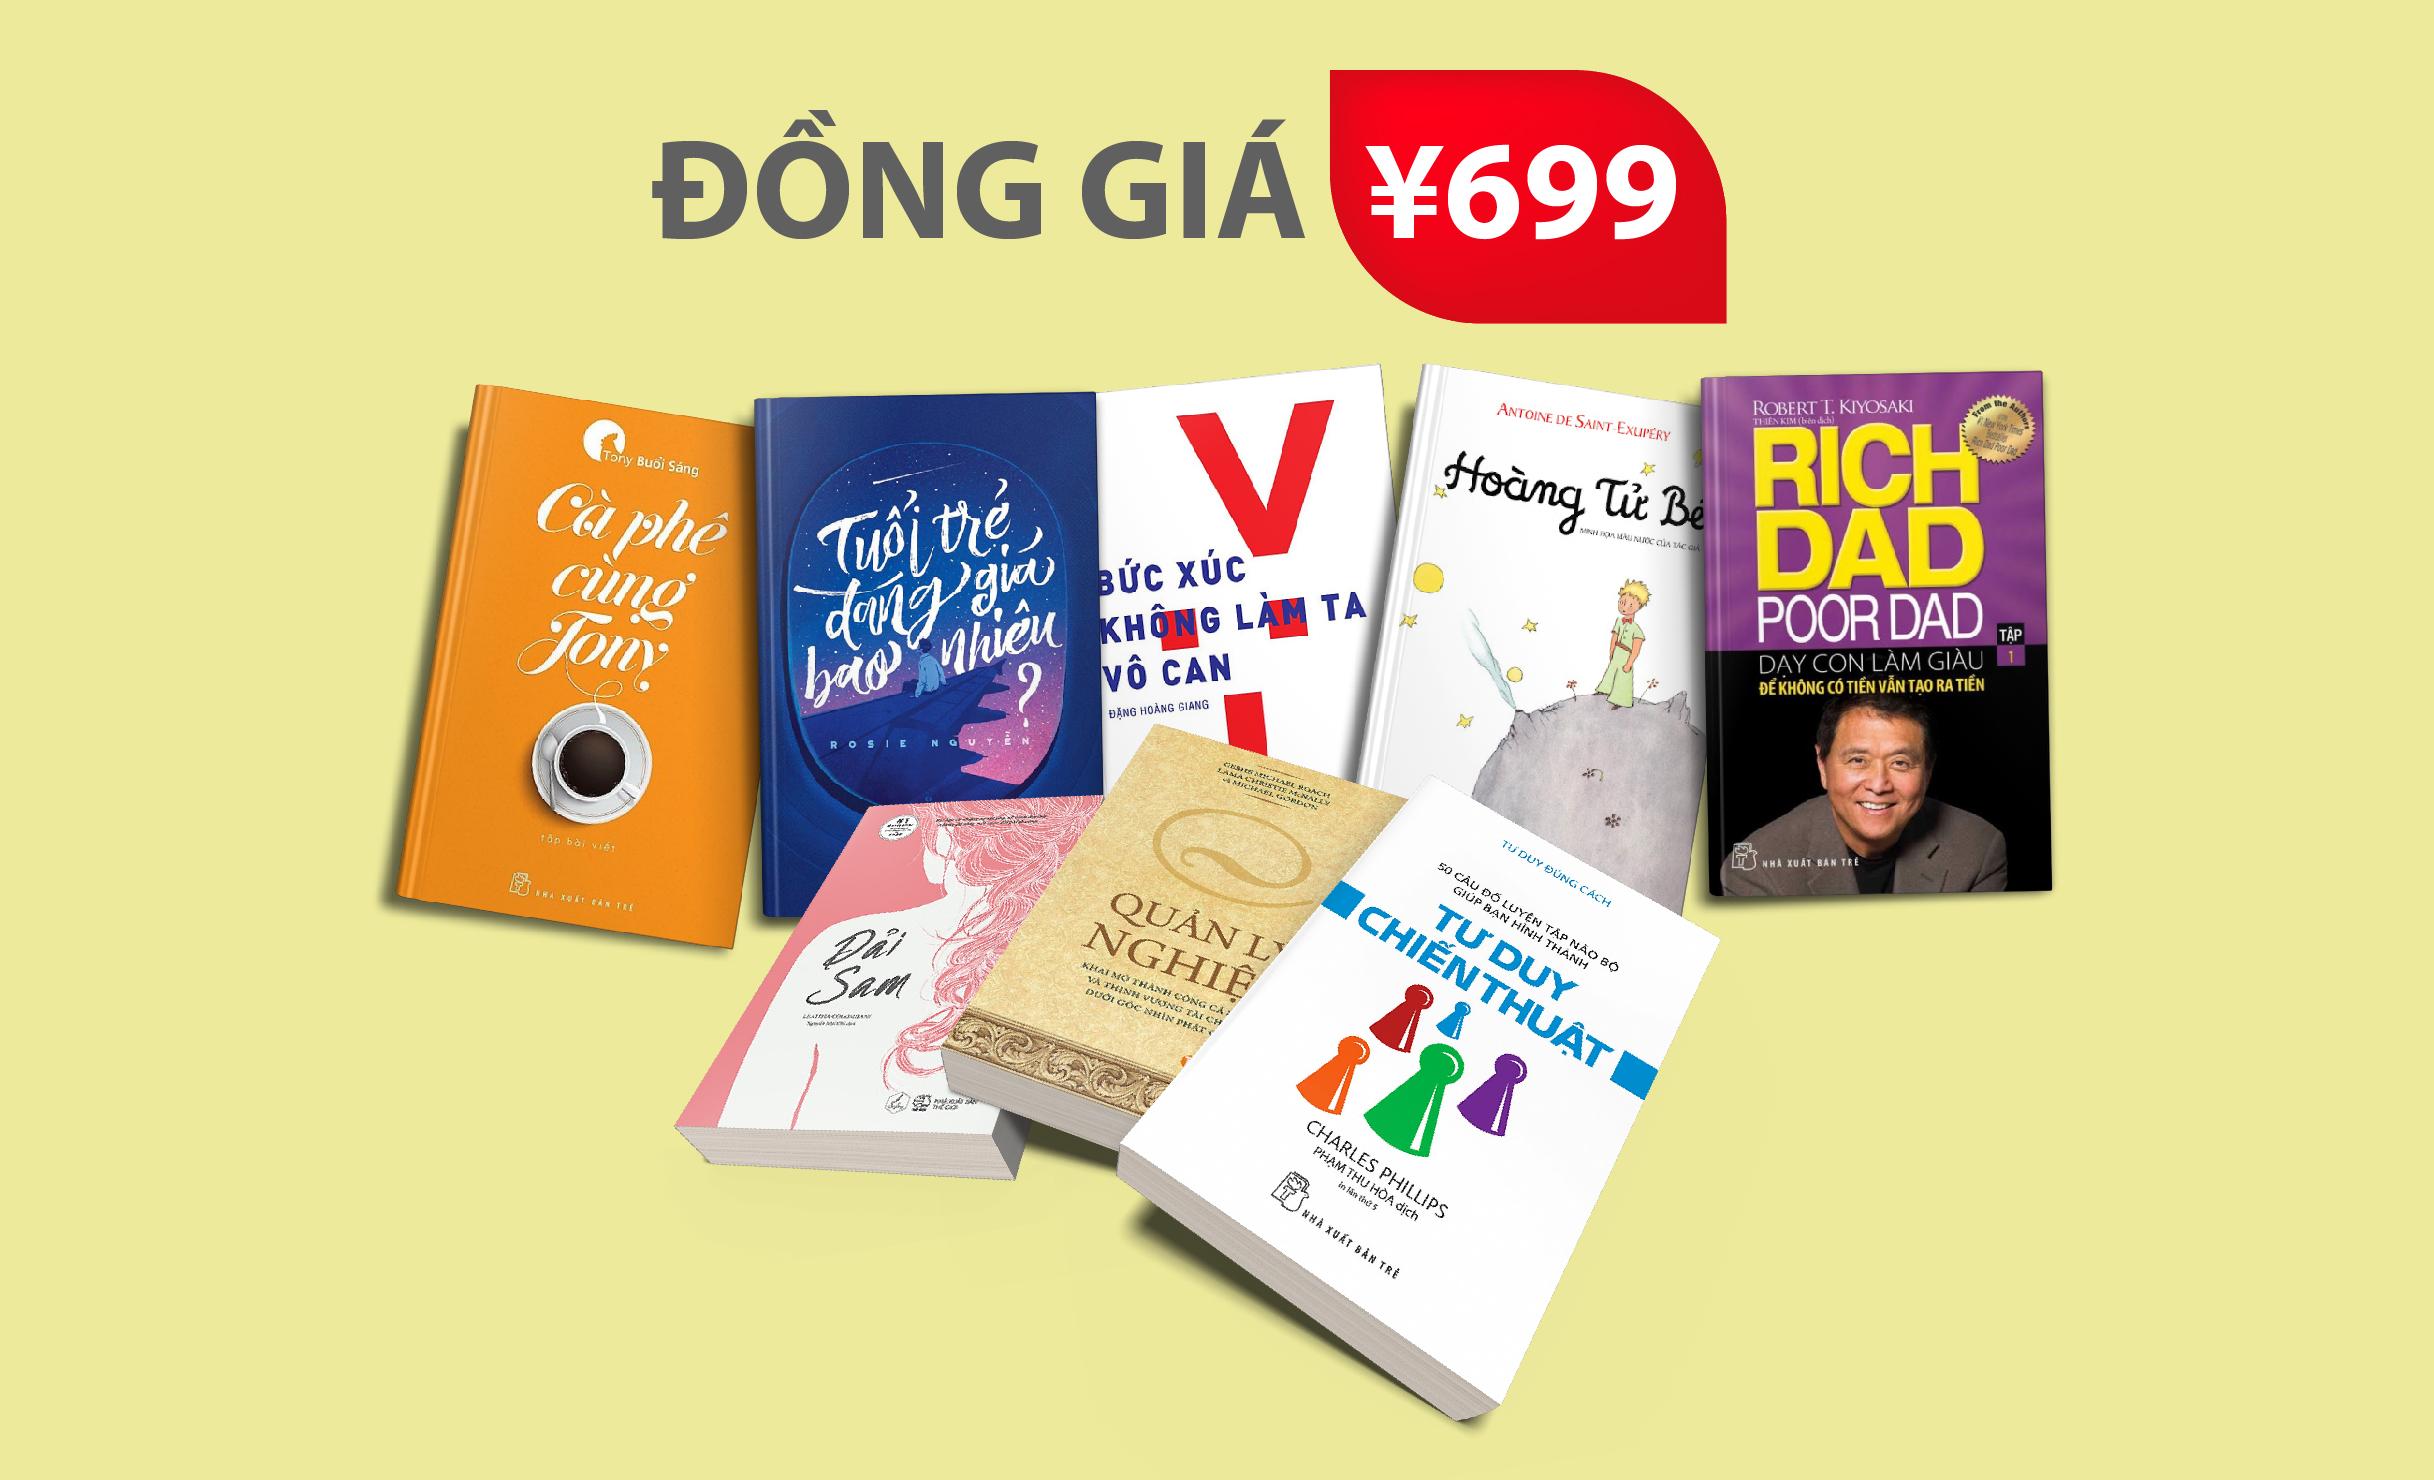 Sách tiếng Việt tại Nhật đồng giá 699 yên